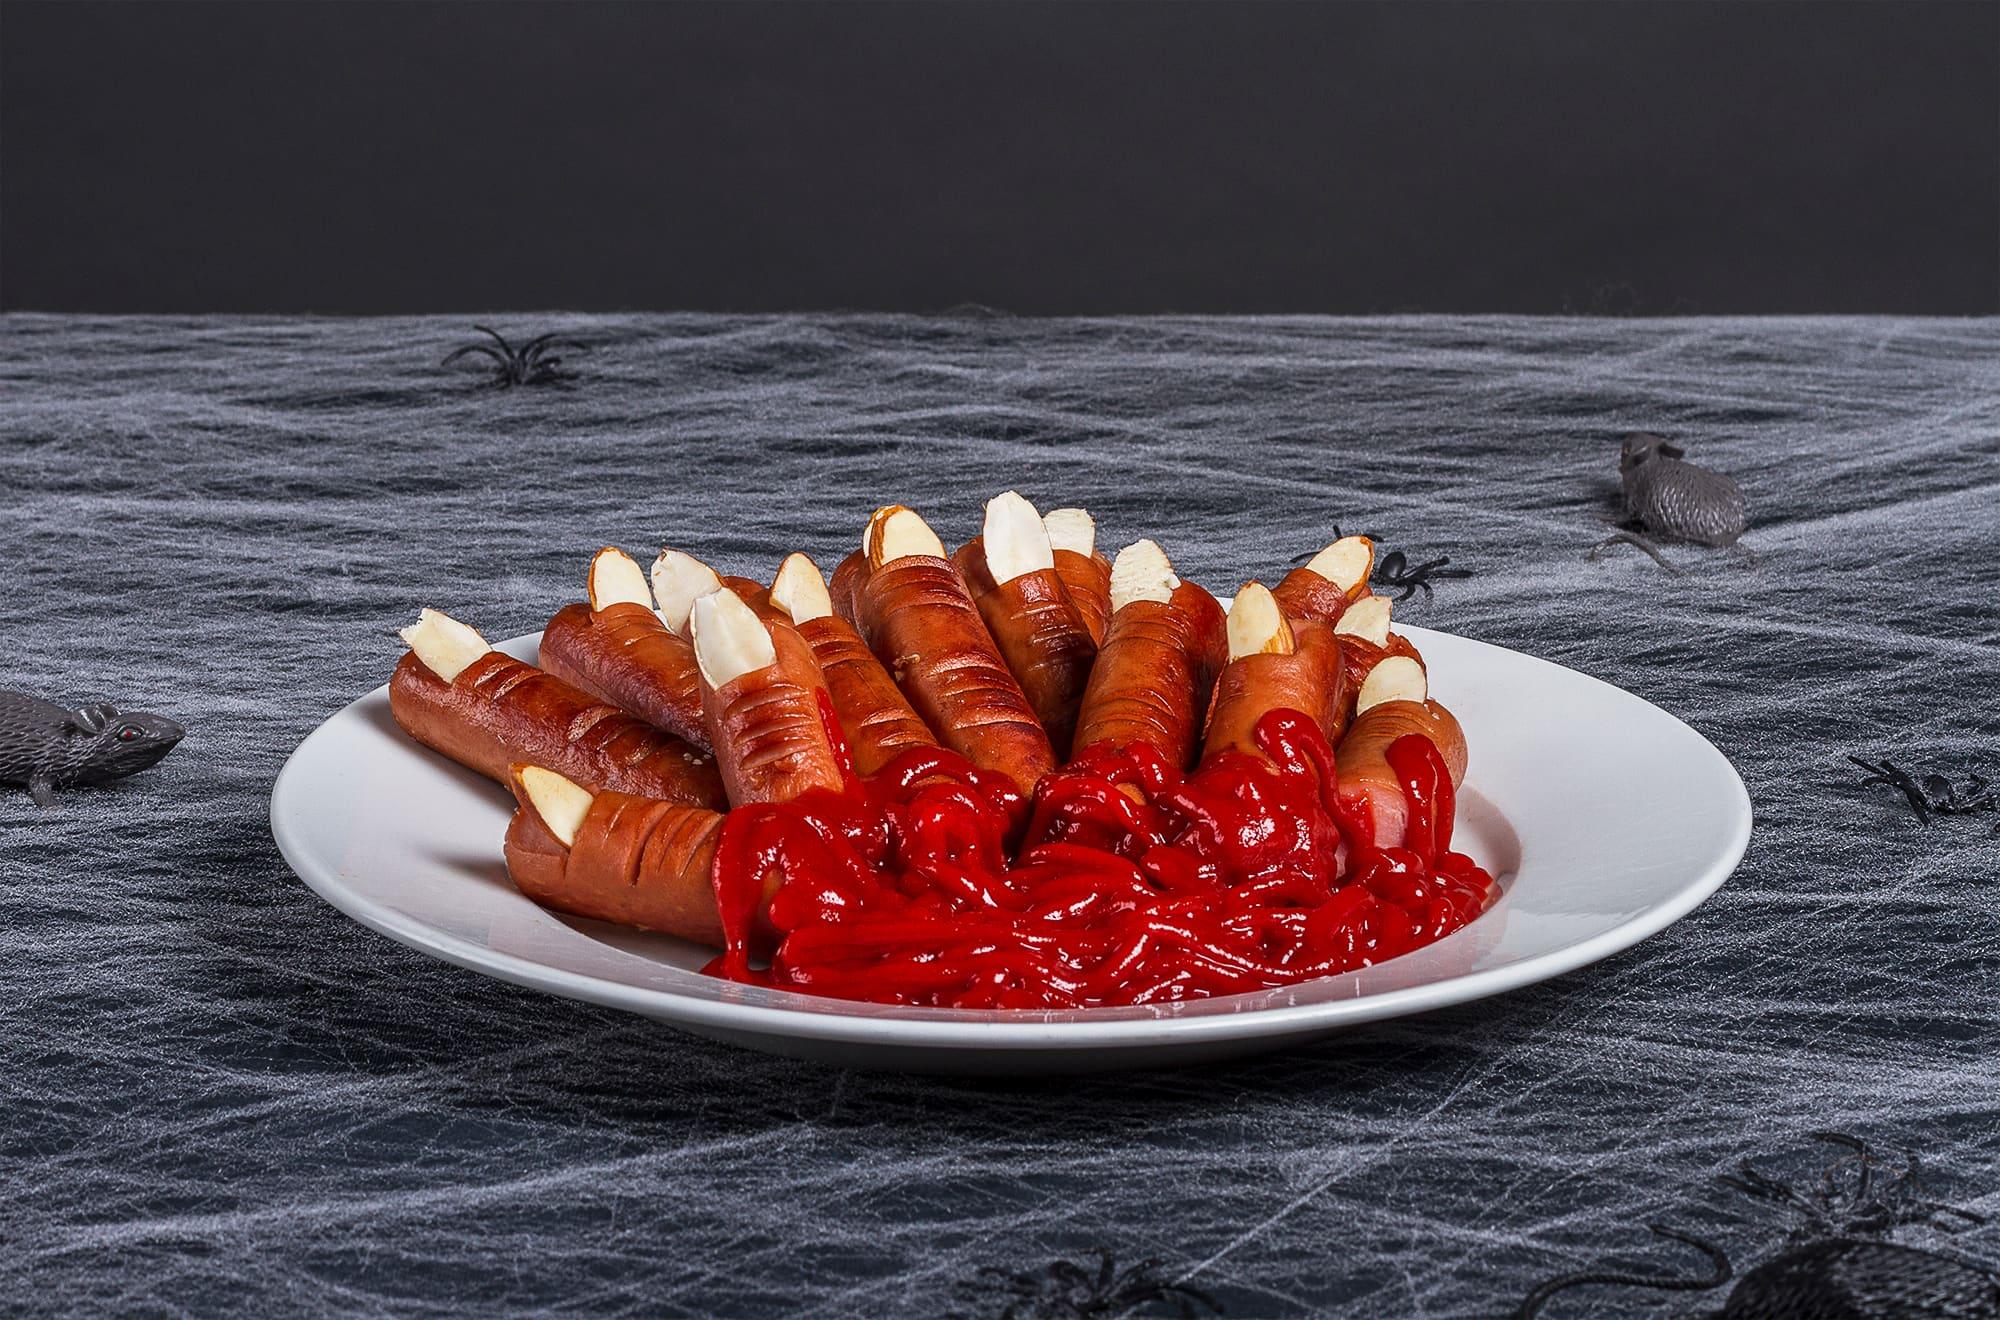 Kanskje ikke så appetittvekkende, men likevel god og riktig mat til Halloween.